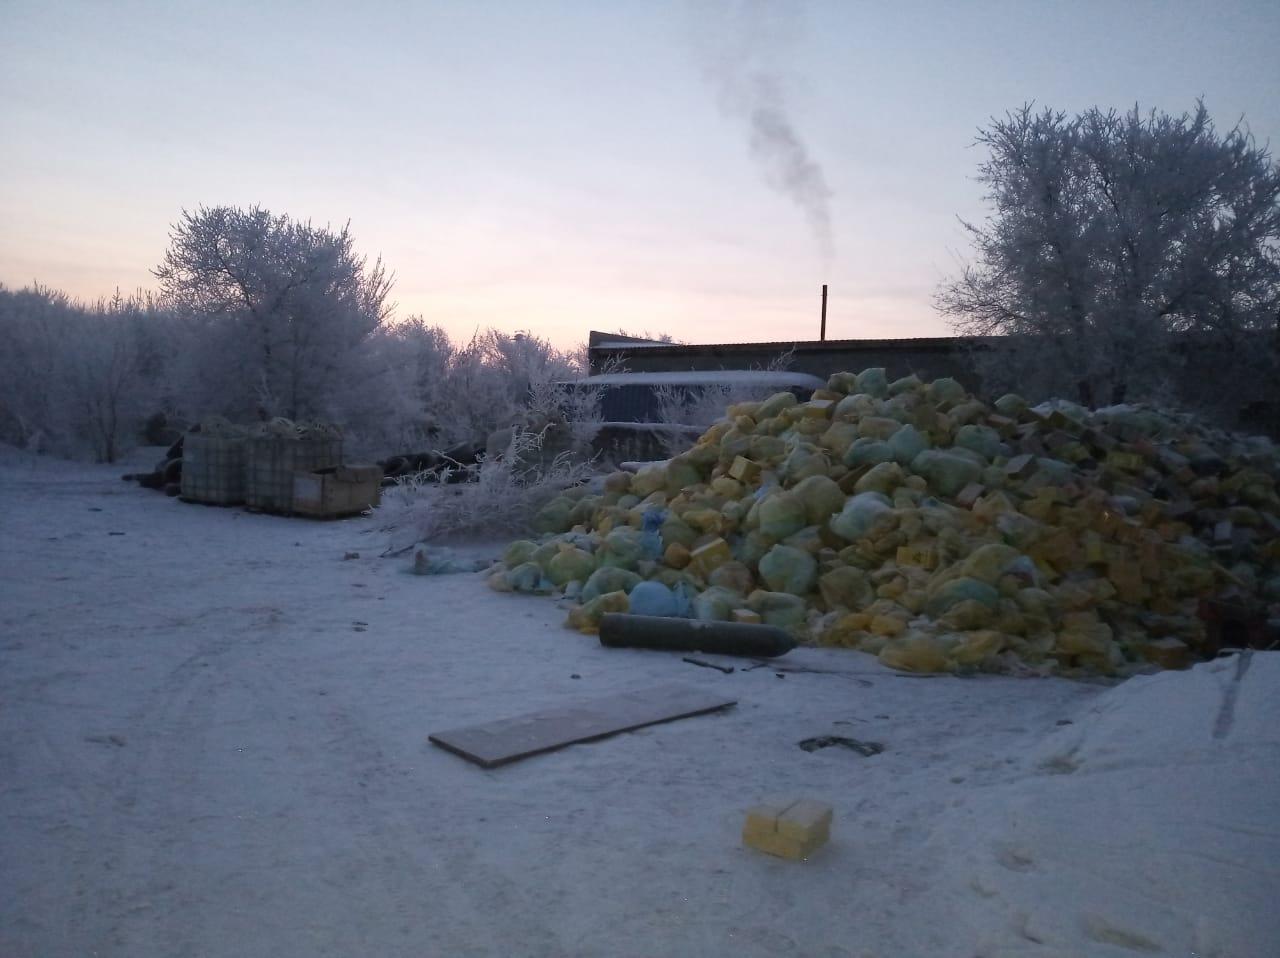 В Павлодаре выявили незаконную свалку опасных медицинских отходов